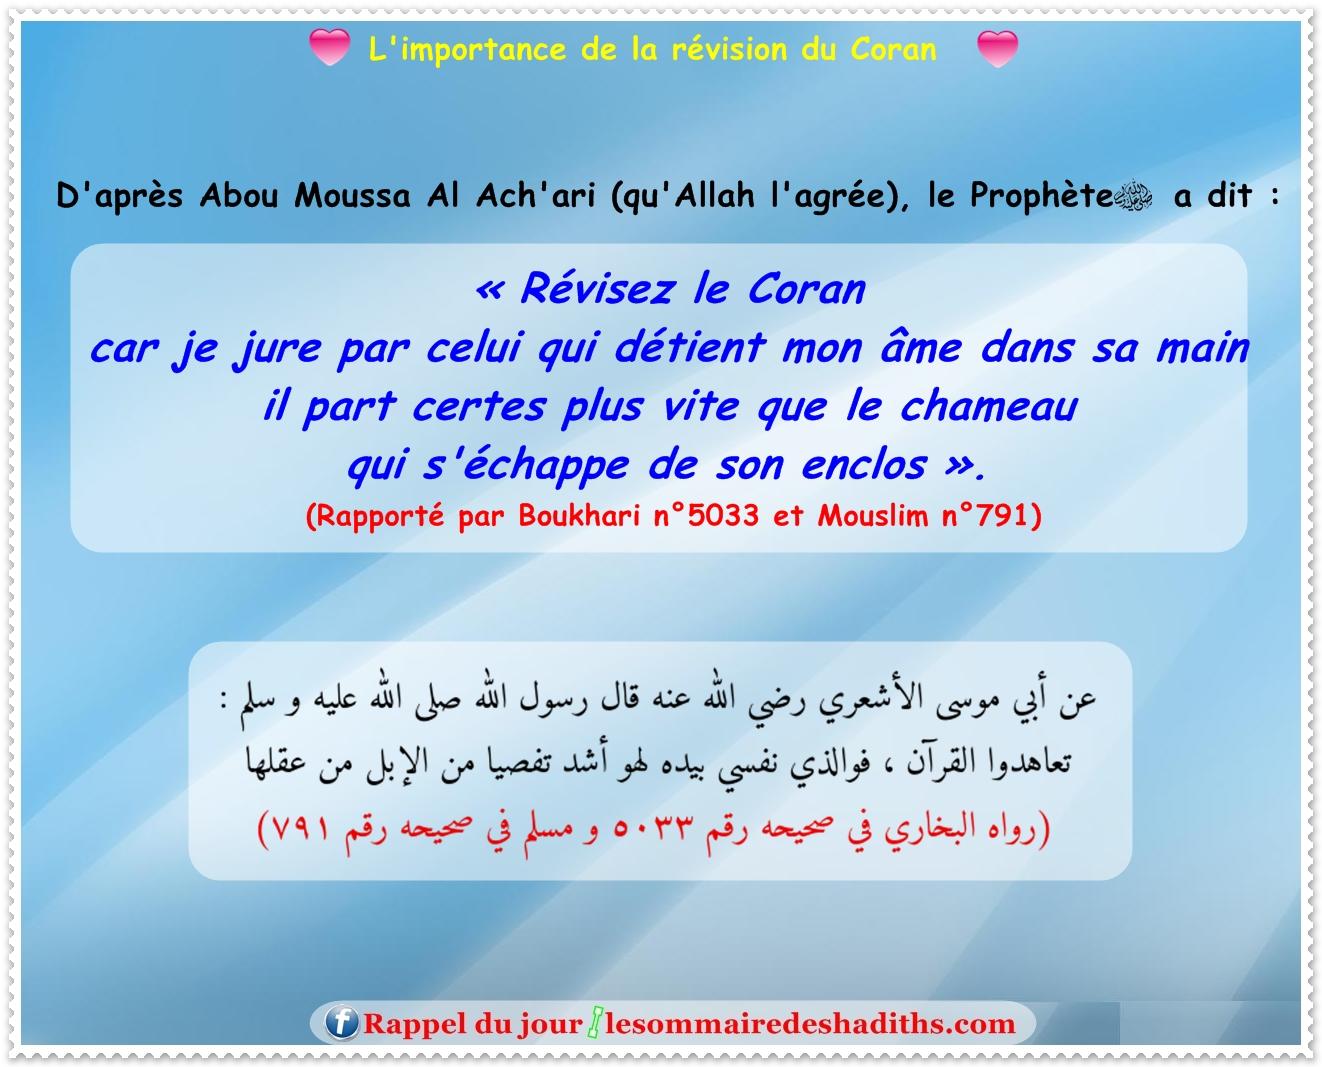 hadith L'importance de la révision du Coran (Abu Moussa Al-Ach'ari)